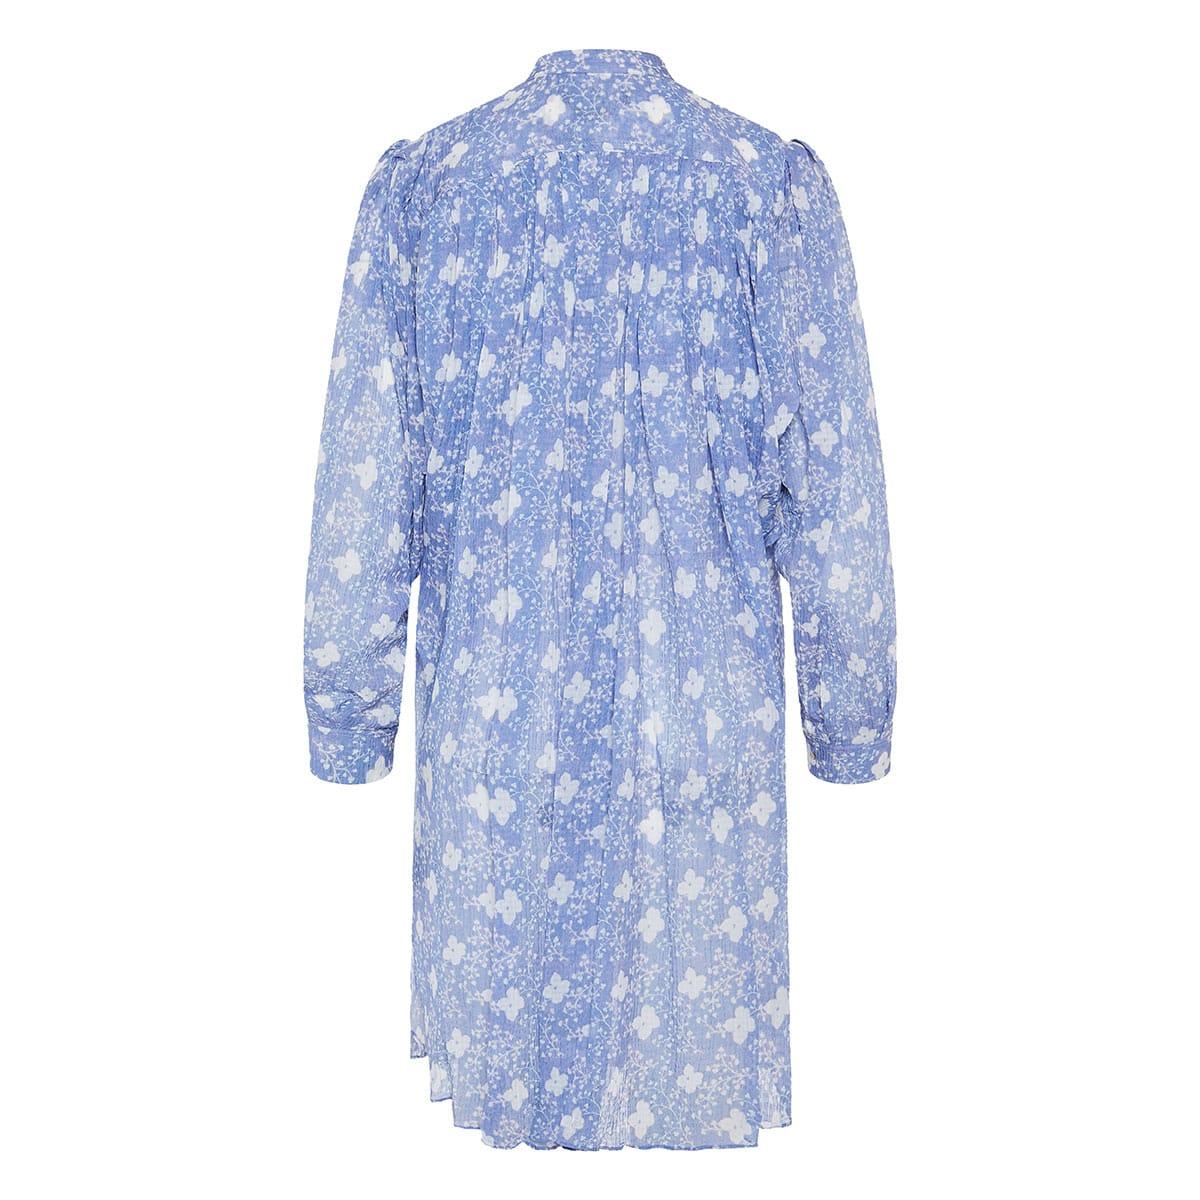 Erika gathered floral shirt dress